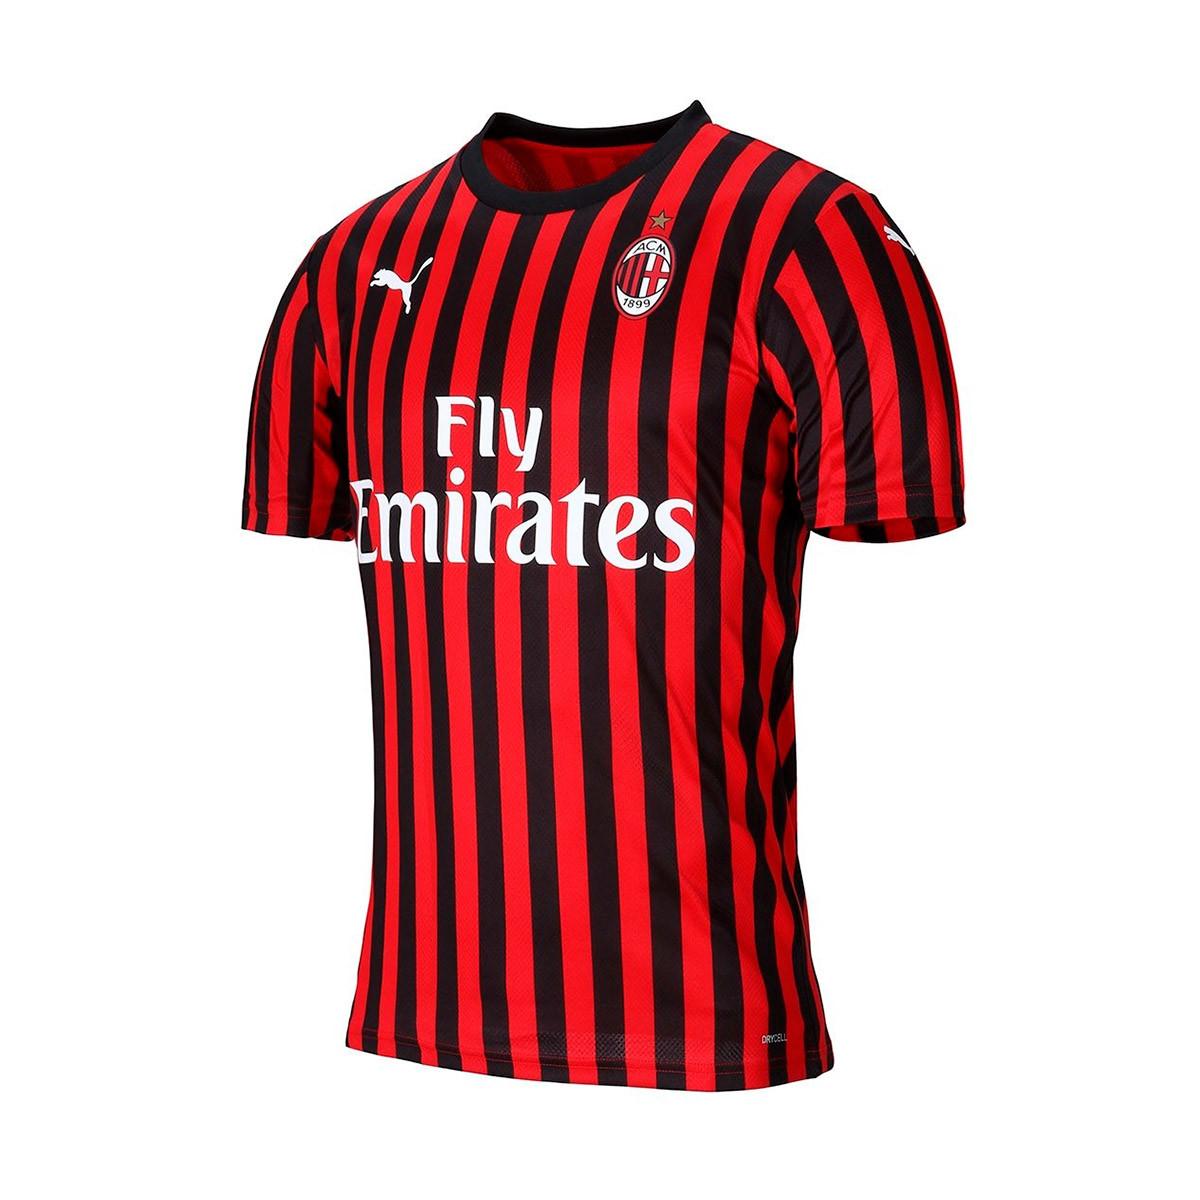 new style a943a 2bb3b Camiseta AC Milan Primera Equipación 2019-2020 Tango red -Puma black